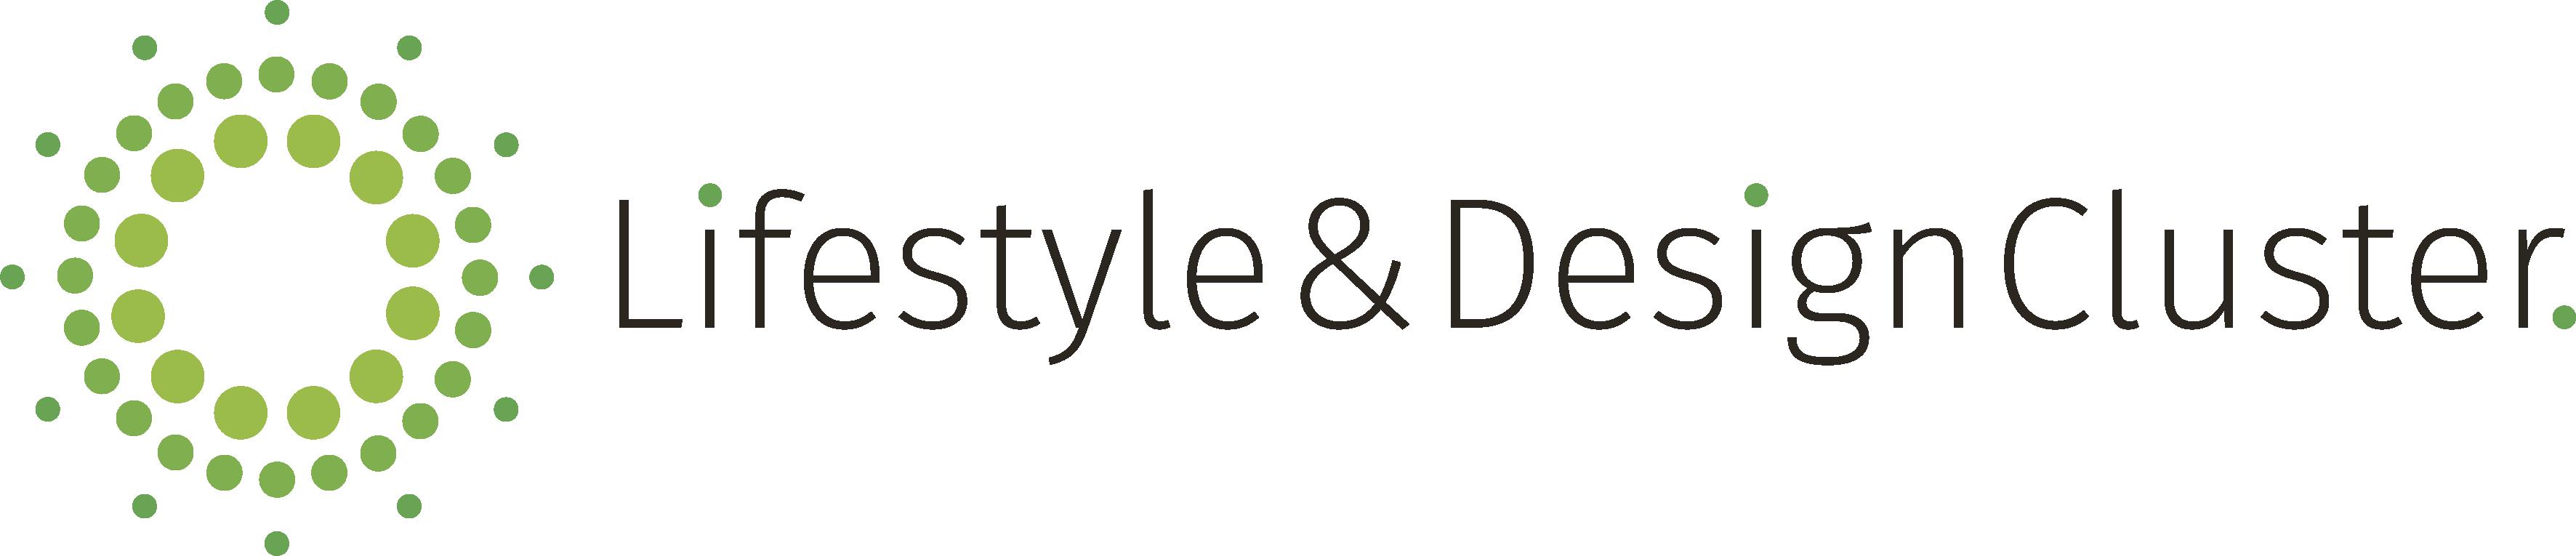 Årets Julegave: Samlet Oversigt Over Forsknings- Og Udviklingsaktiviteter Hos Konsortiepartnerne I Innovationsnetværket Lifestyle & Design Cluster